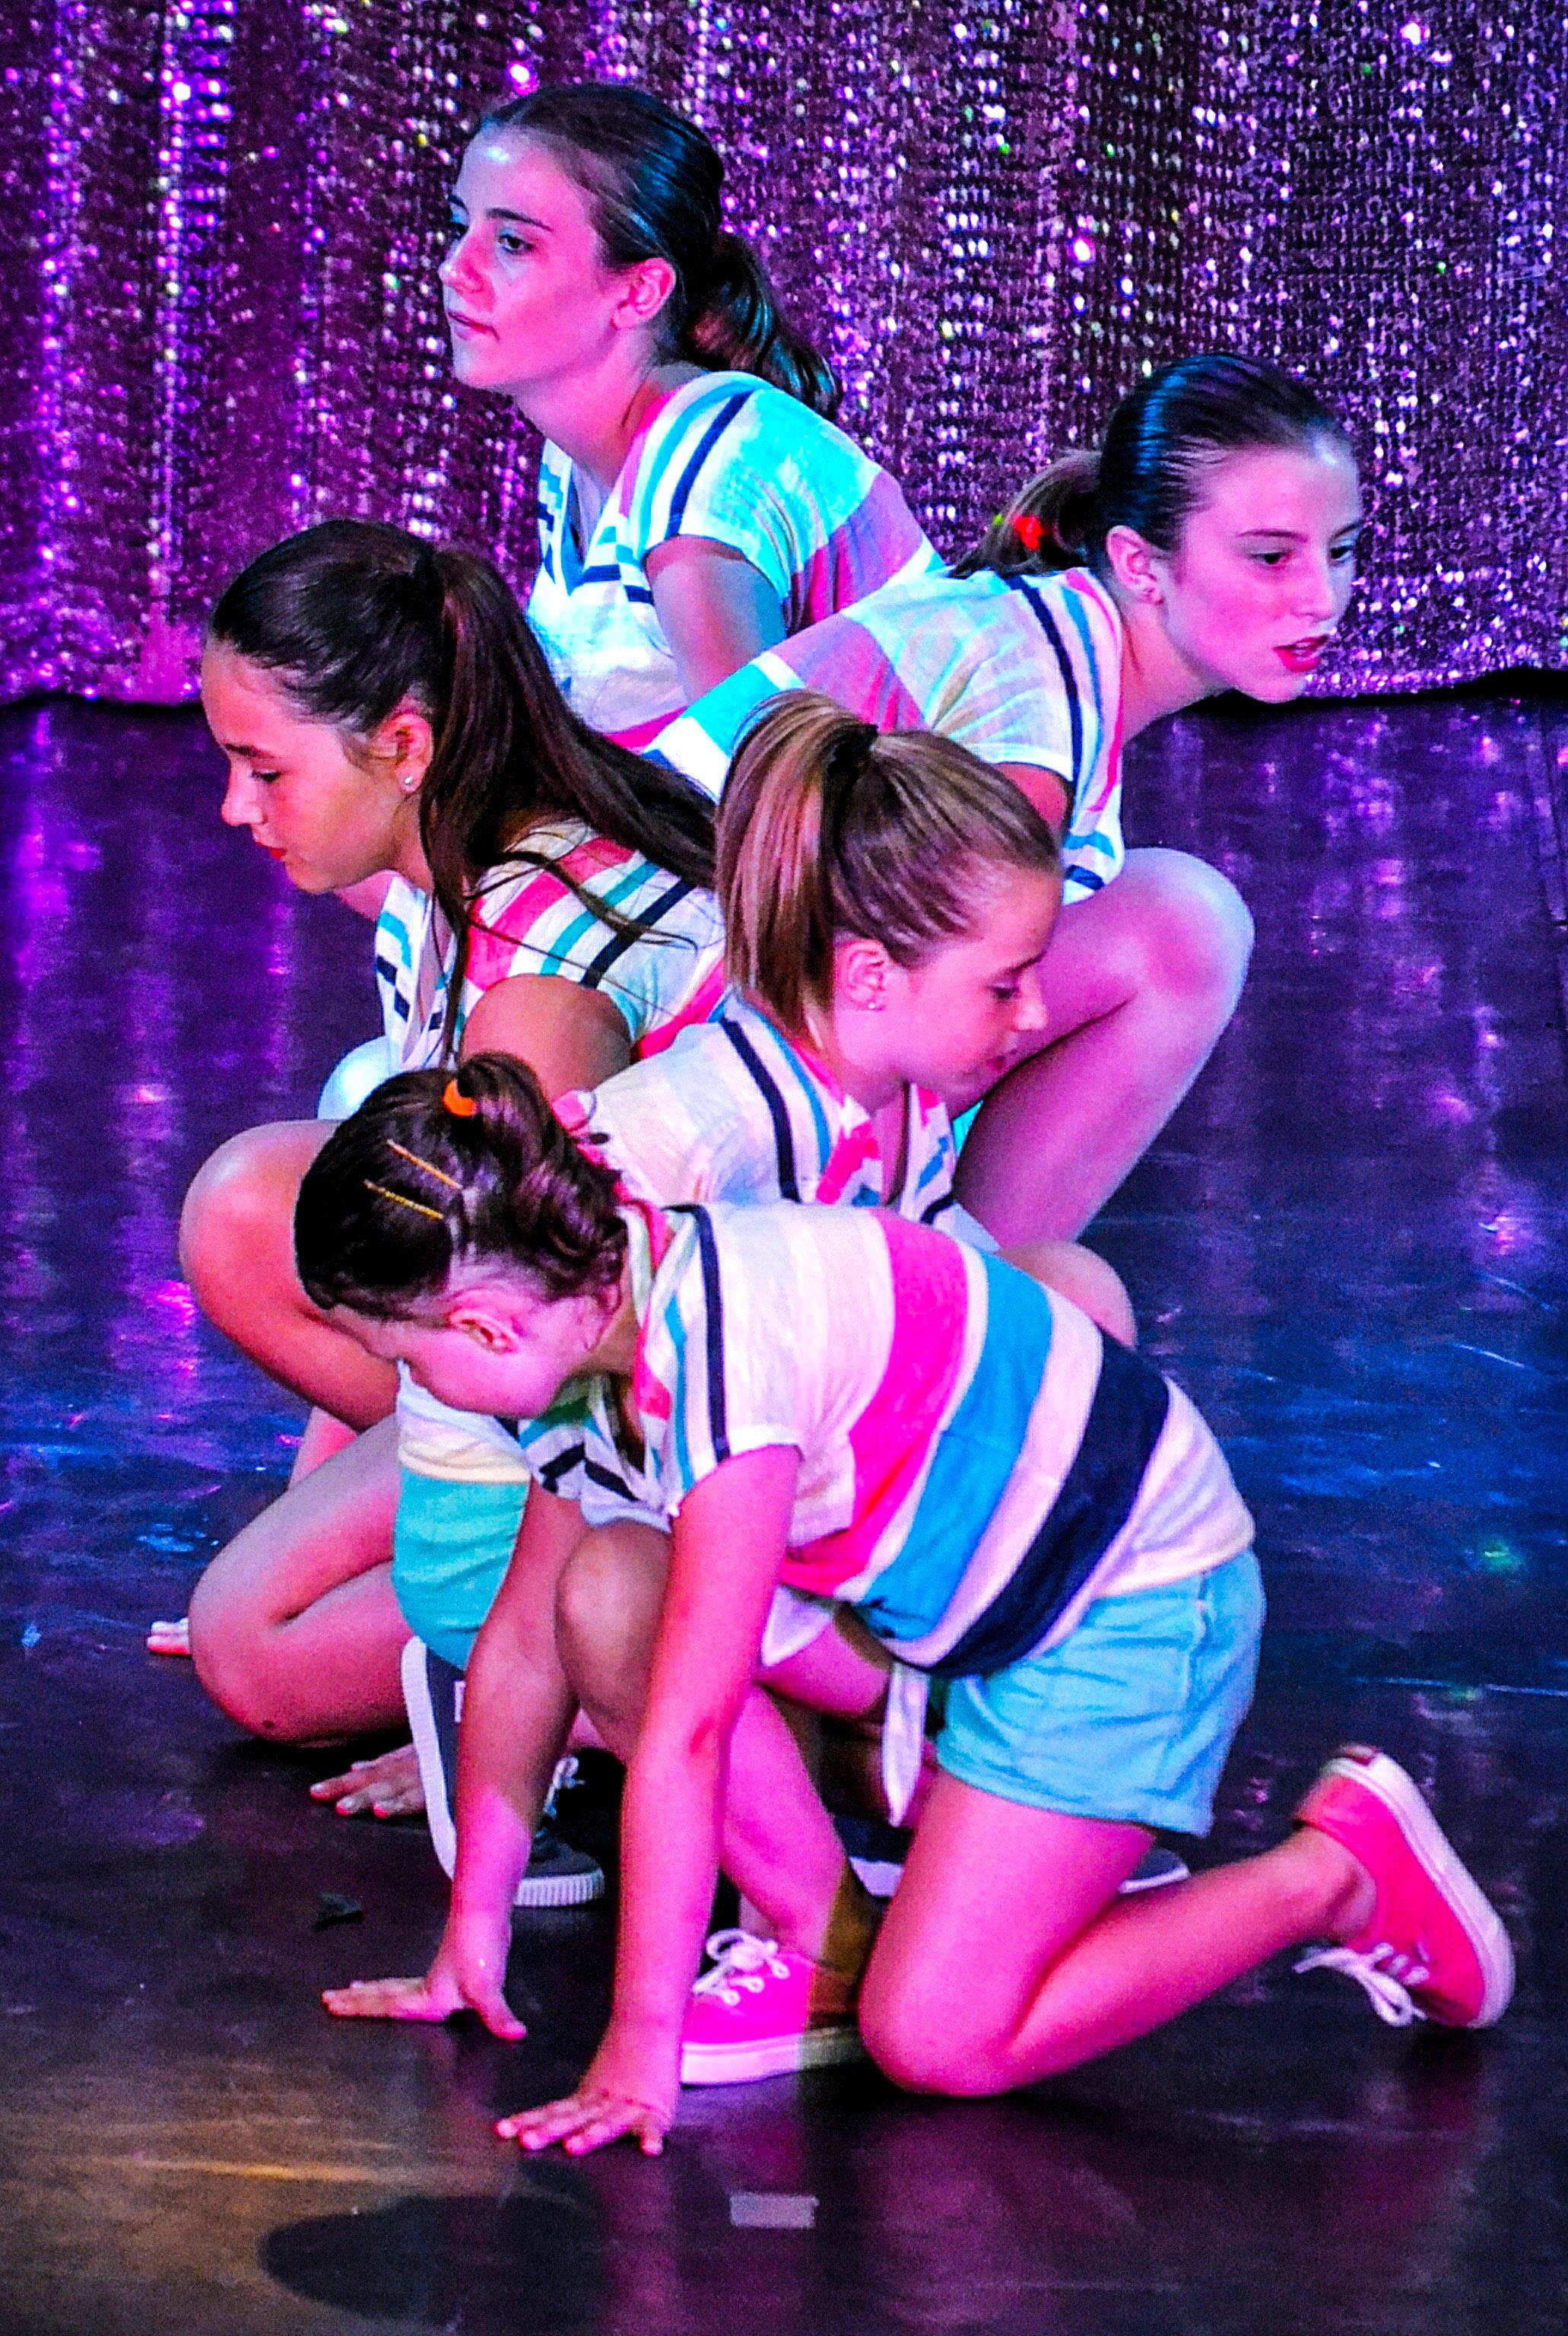 Linea-de-Baile-festival-verano-2015-clases-de-baile-valencia-162